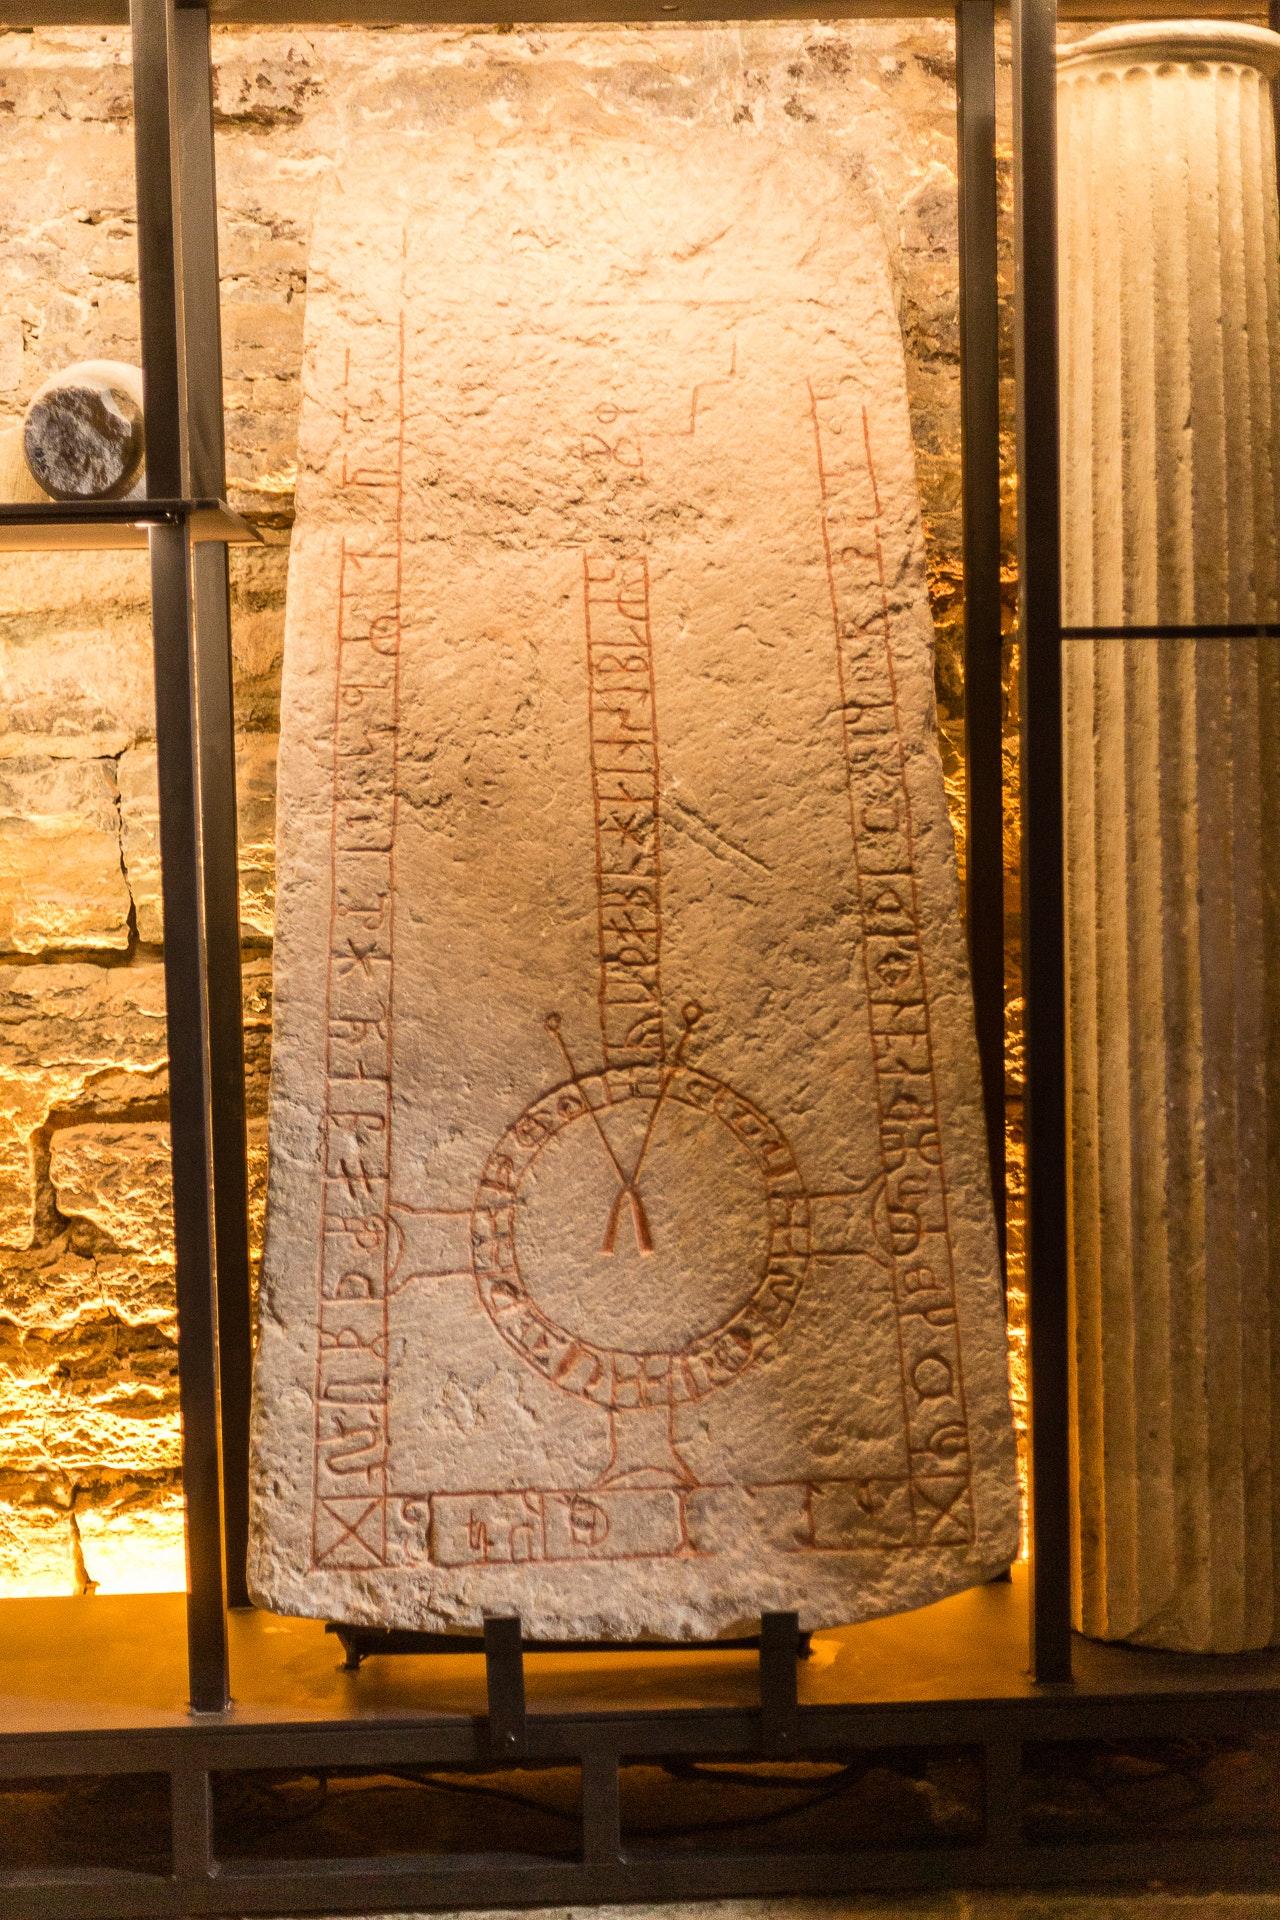 Rune-stone, part of the Hidden Treasures